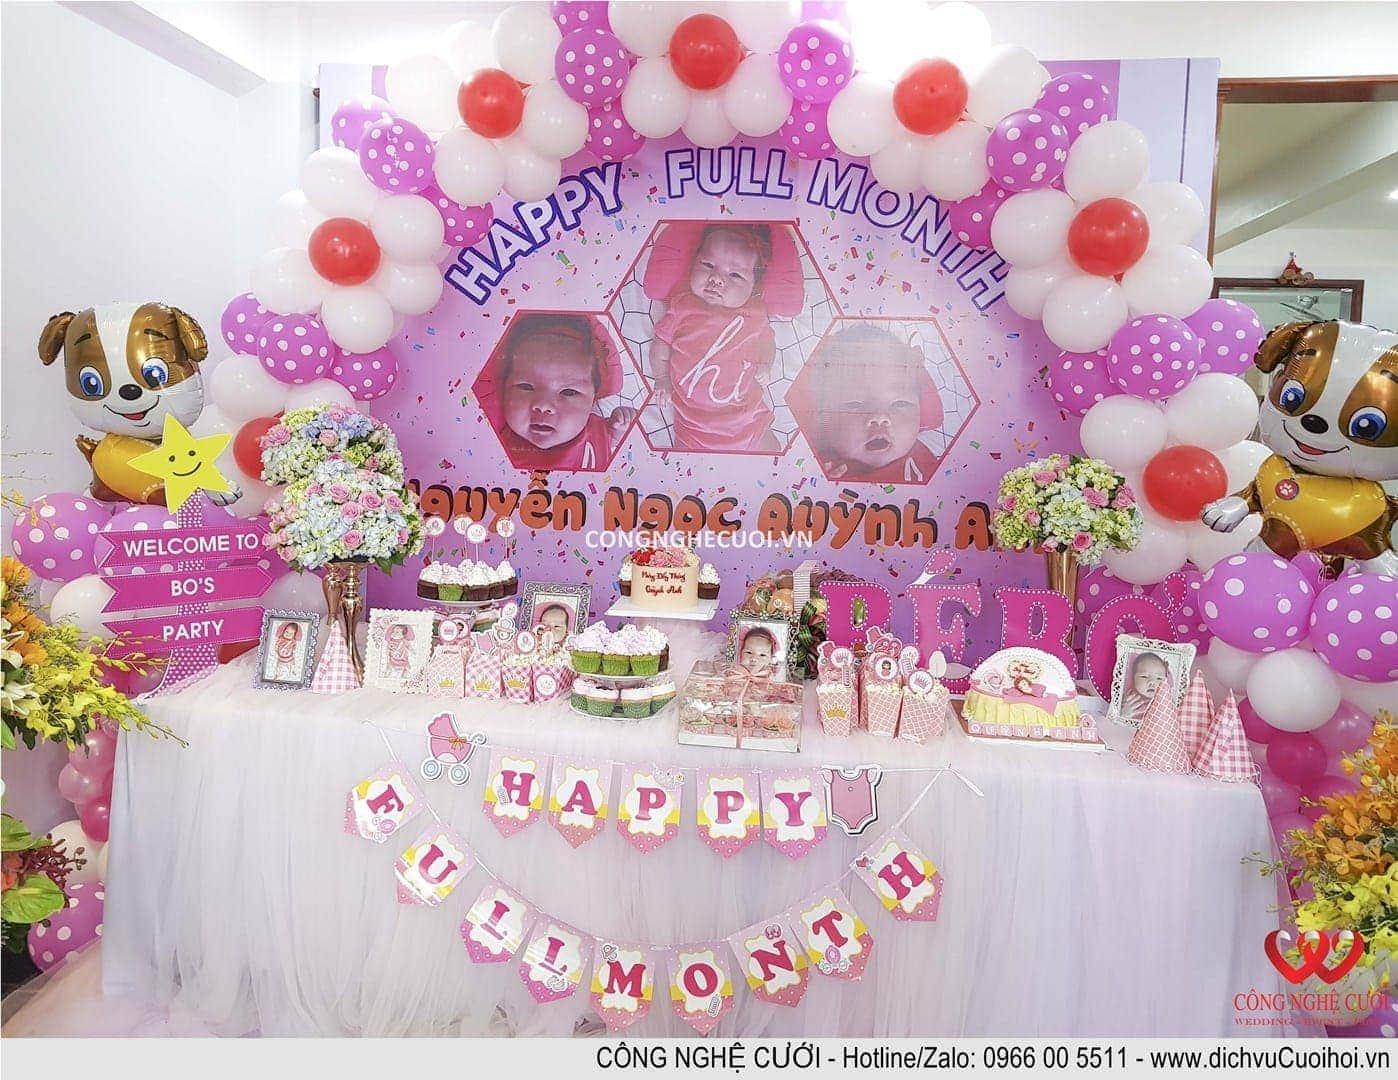 Trang trí tiệc đầy tháng, Tiệc thôi nôi, tiệc sinh nhật bé trọn gói